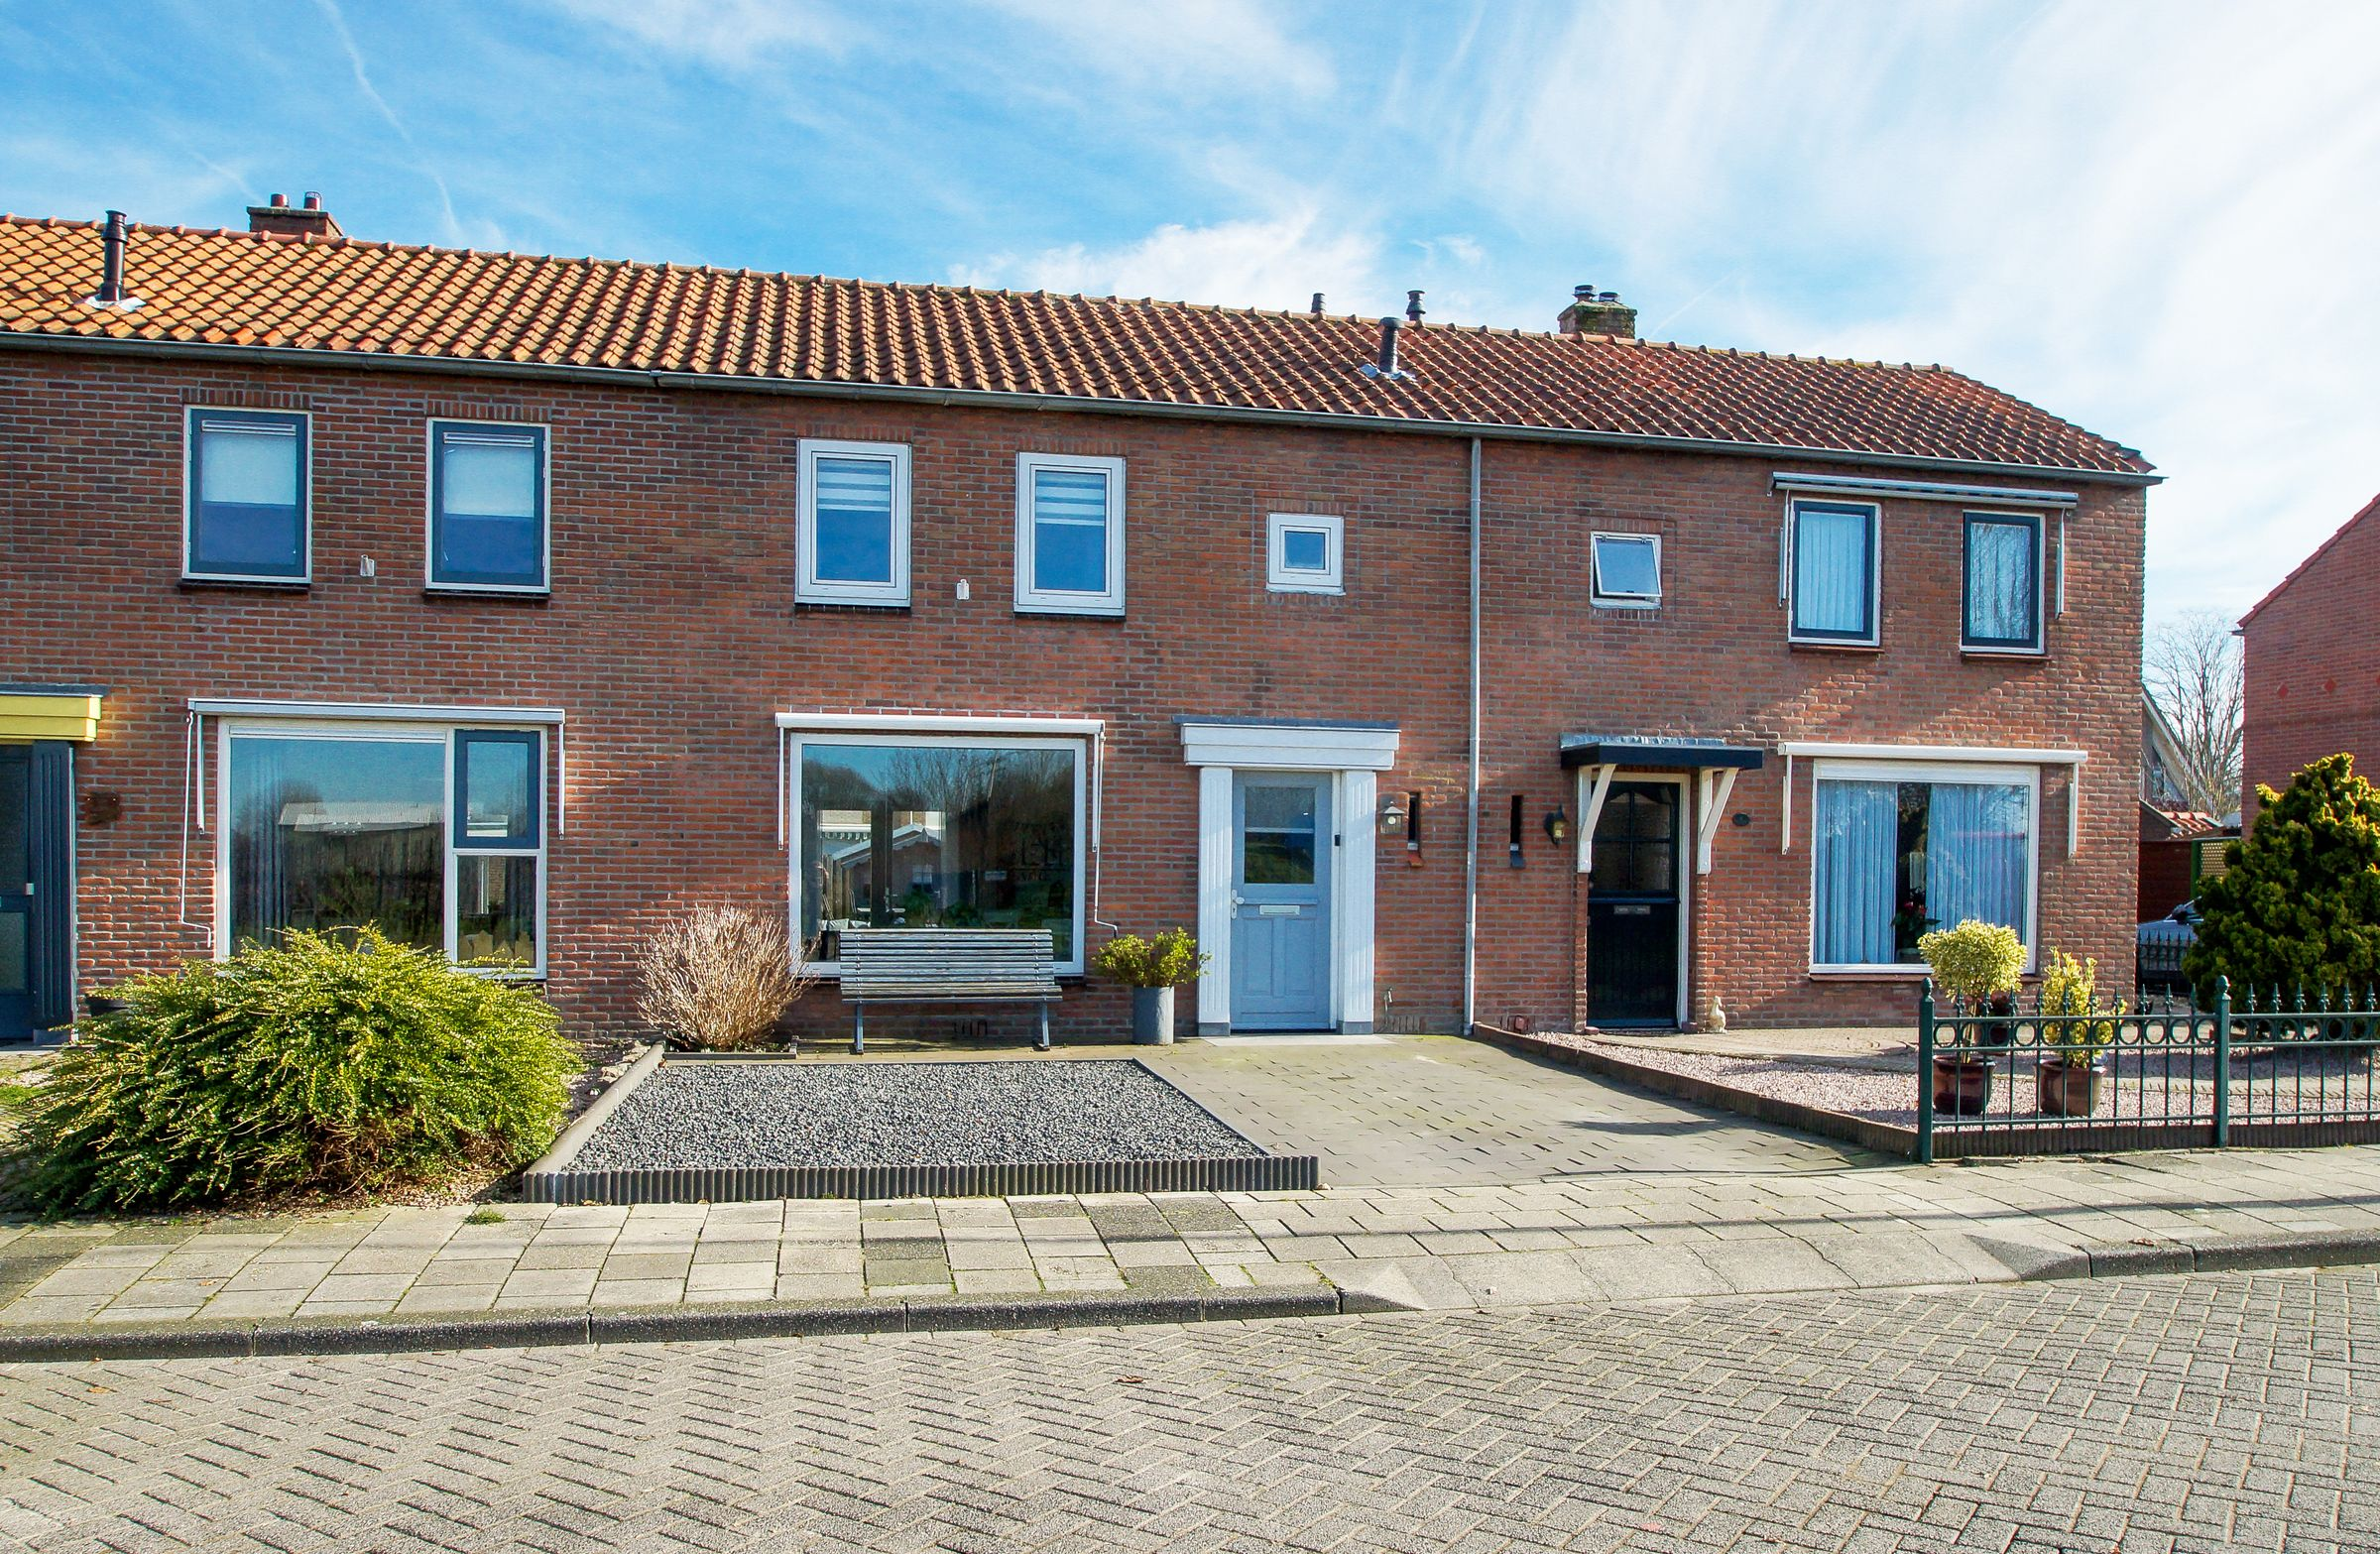 Kornelis van Wijnenstraat 20, Rhenoy